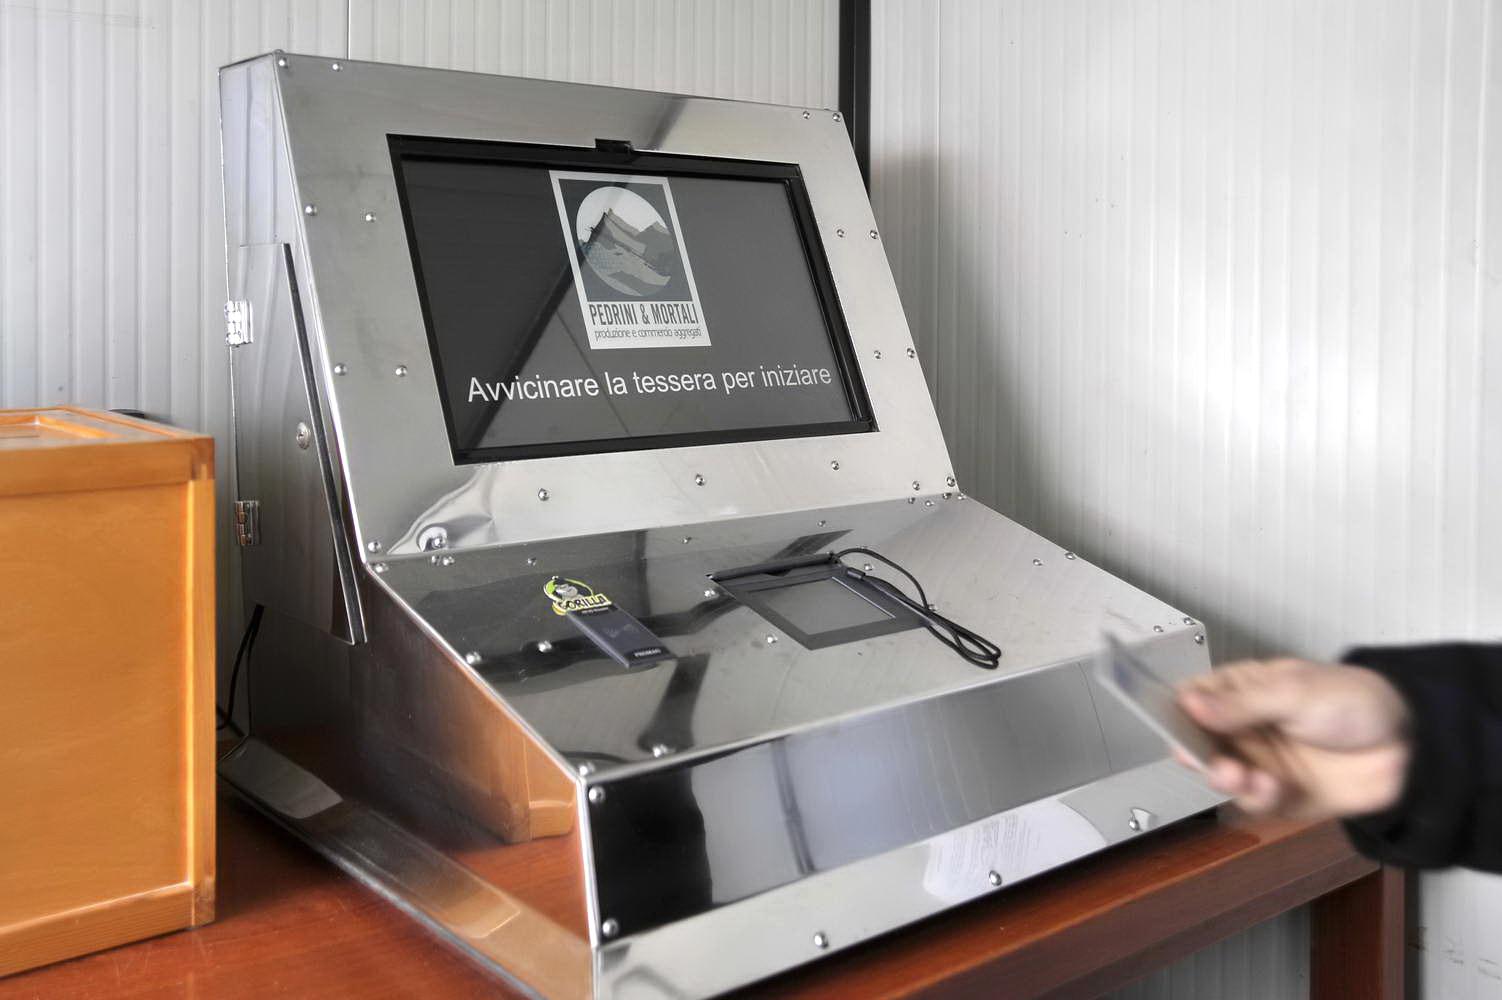 Sistema di pesatura informatizzato foto azienda 75